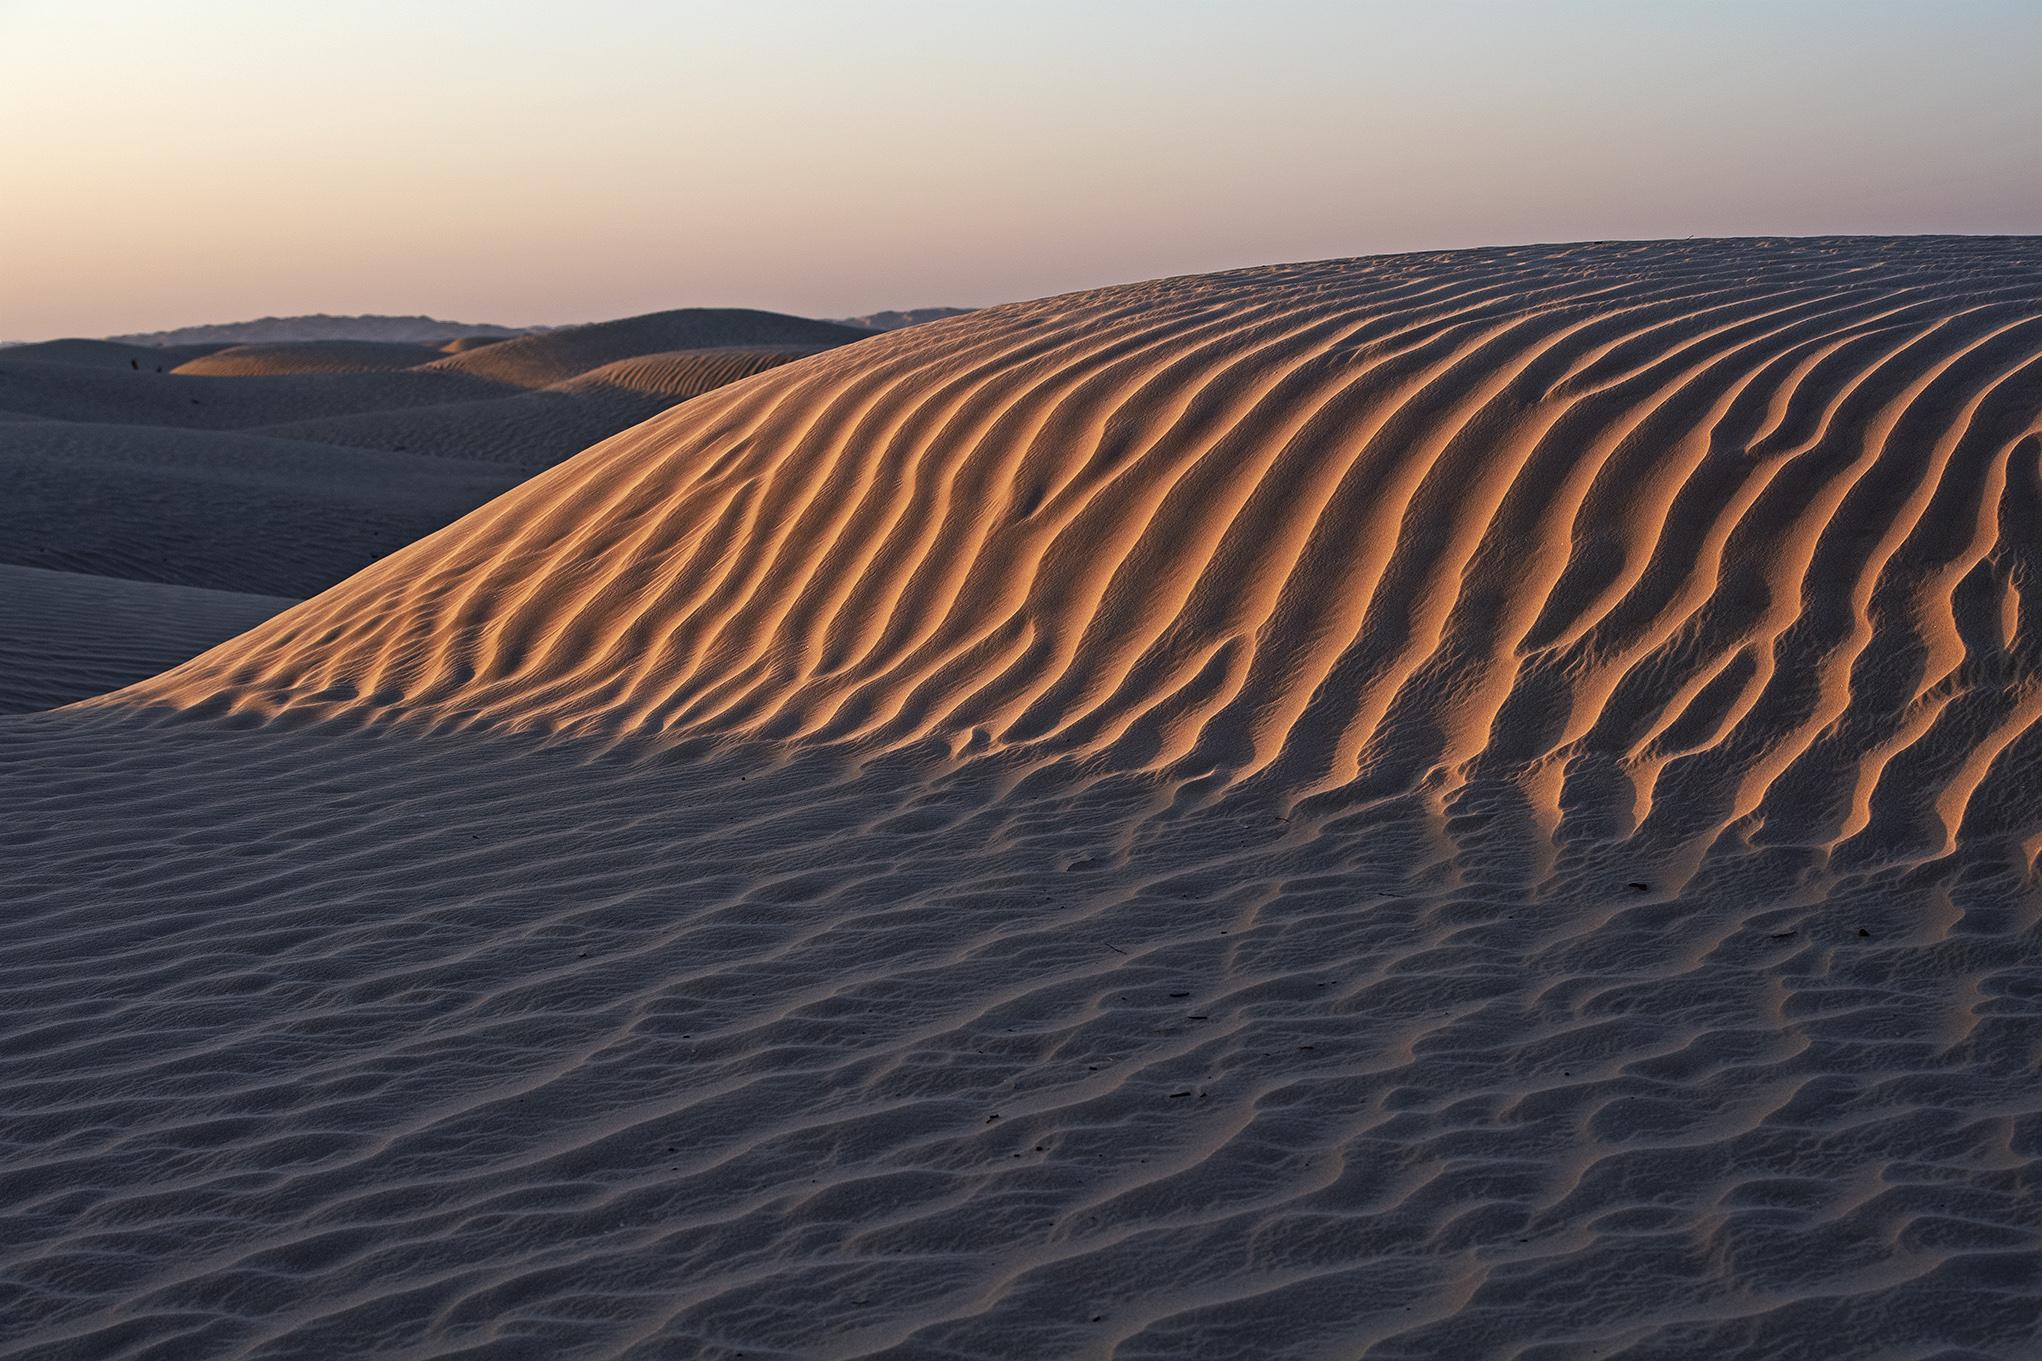 Sandformation in der Rub al Khali, Oman